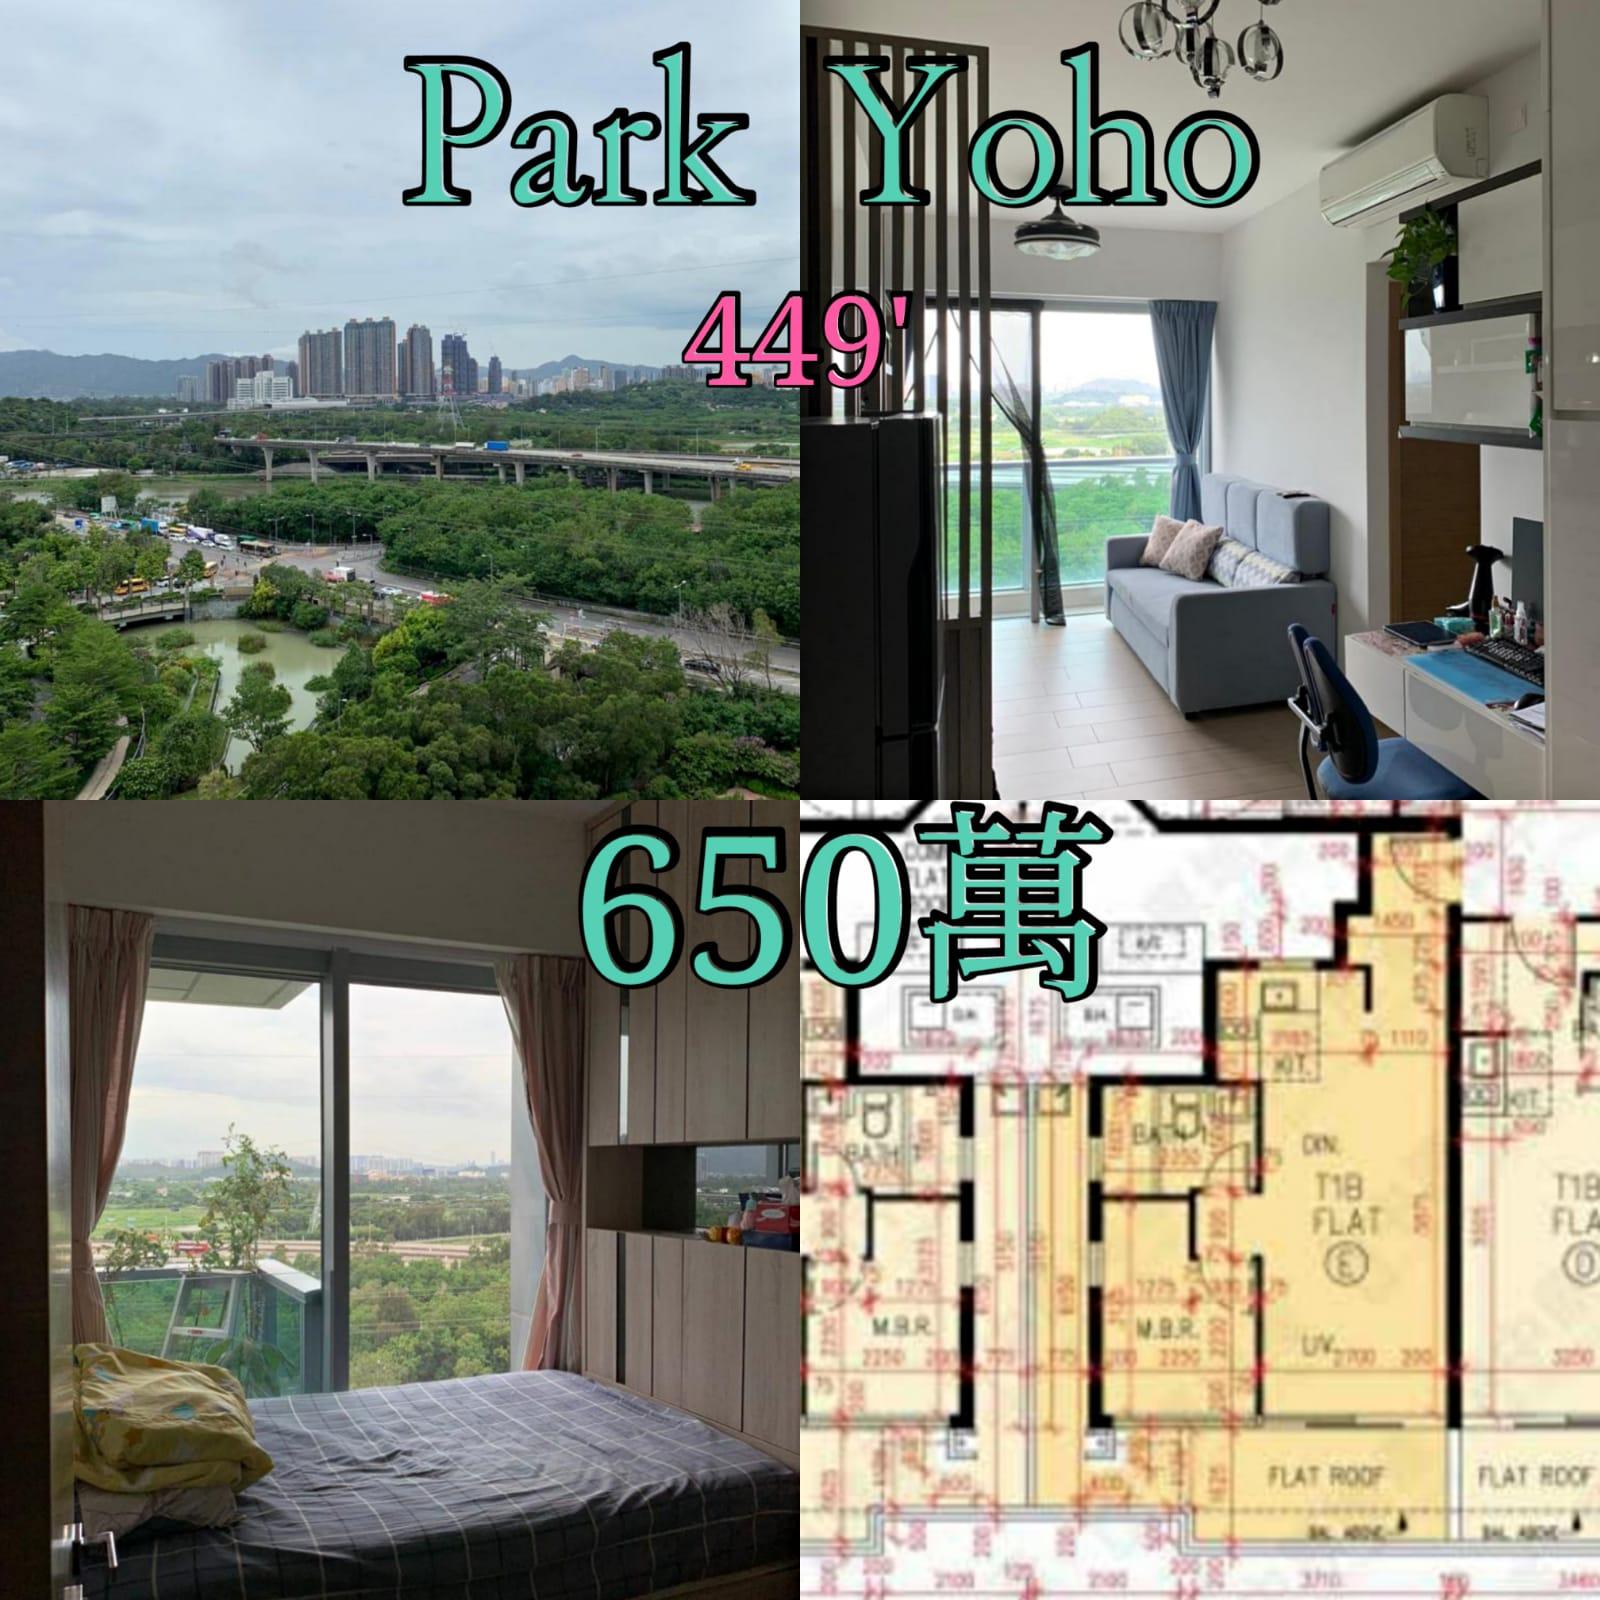 PARK YOHO入場筍盤!未來鐵路站蓋物業